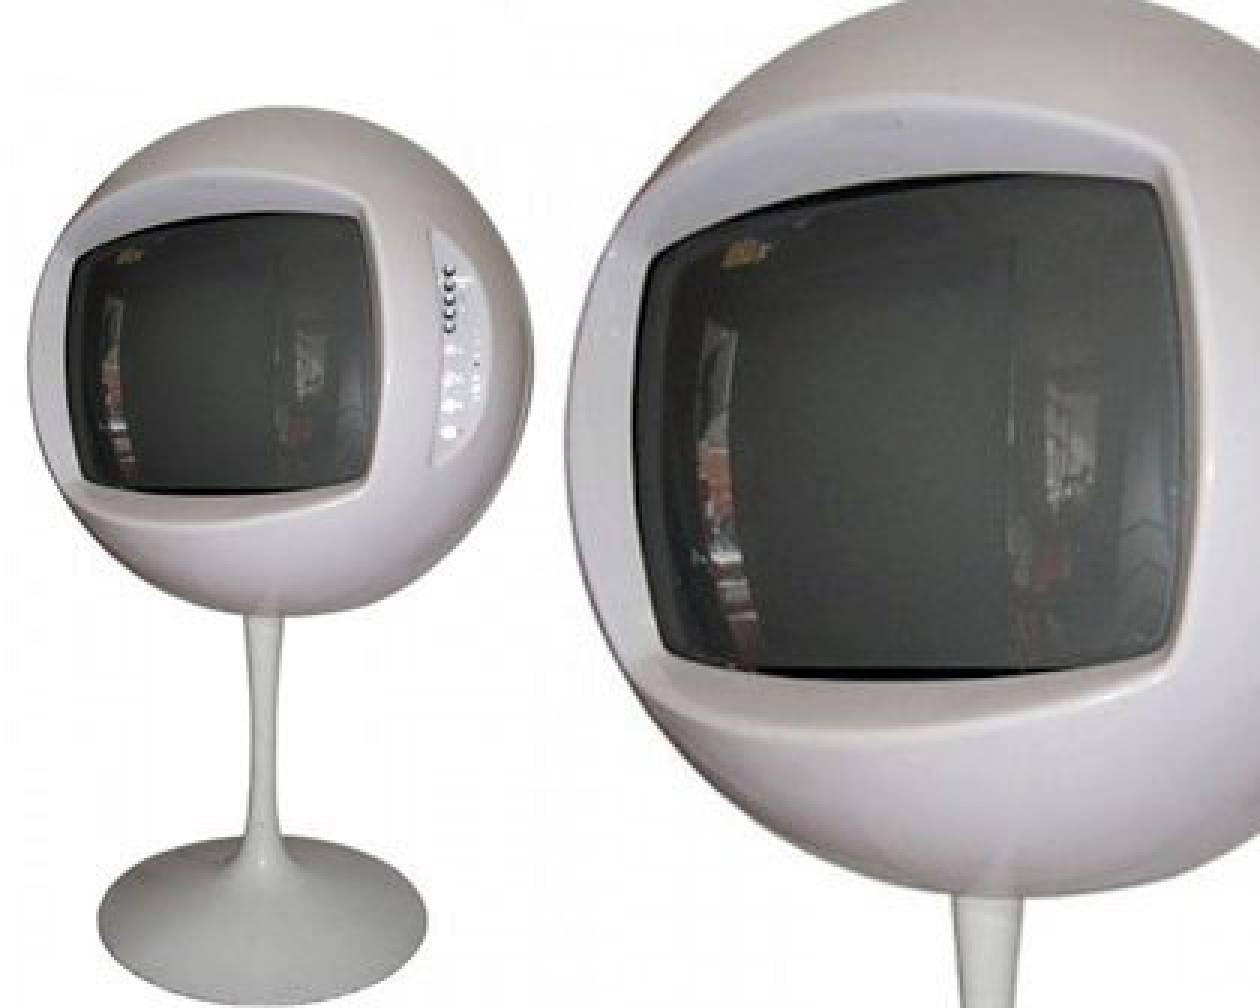 Space-age τηλεοράσεις στο σαλόνι σας